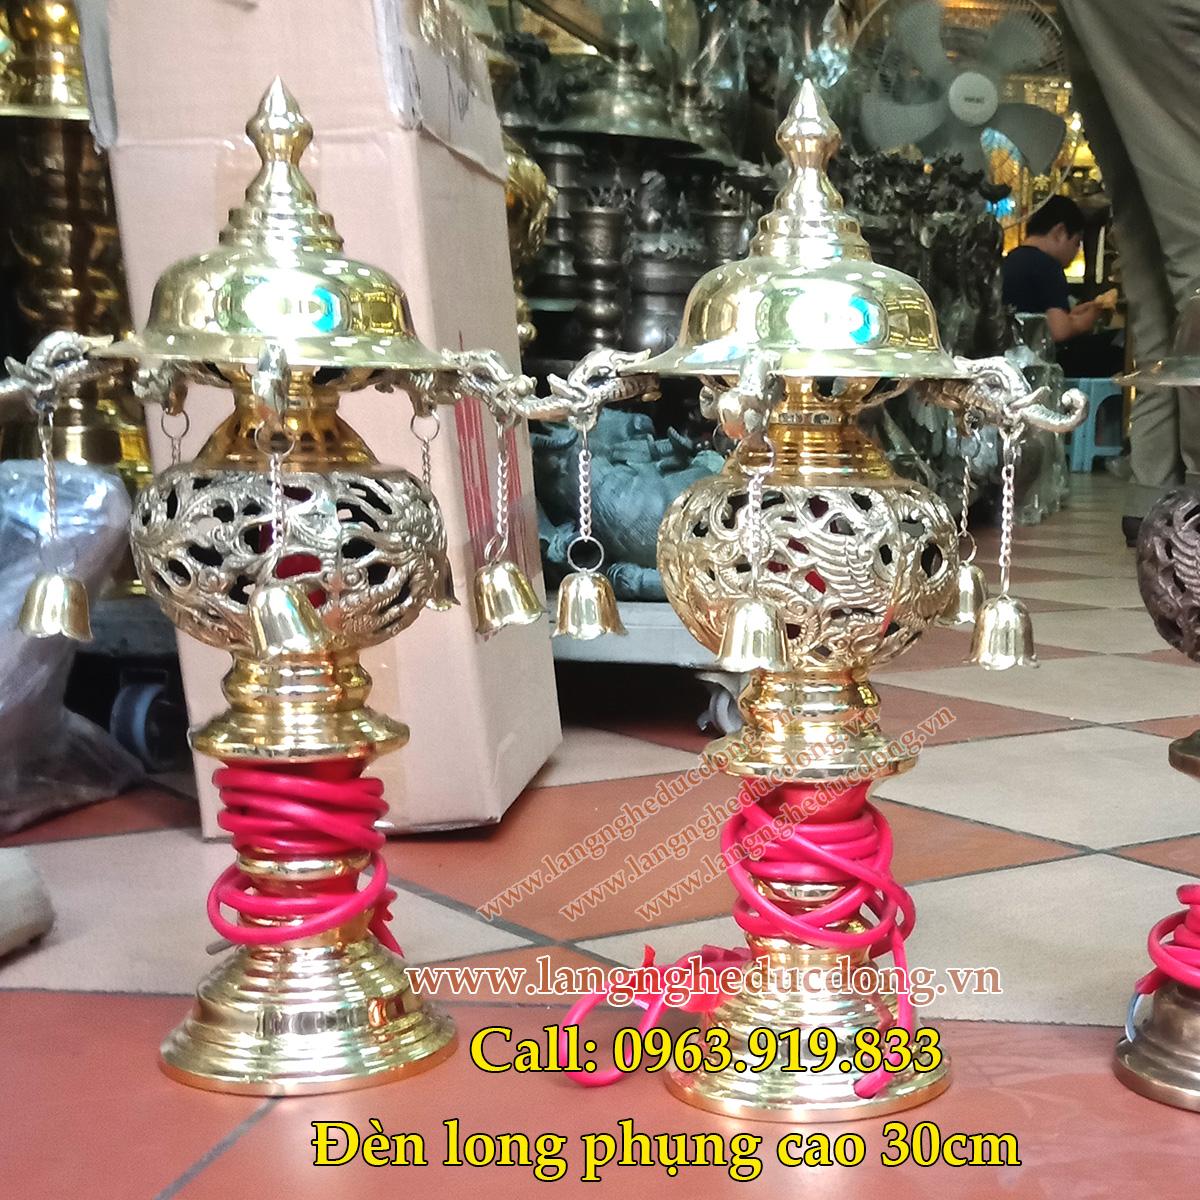 Đôi đèn thờ bằng đồng cao 30cm, den tho bang dong